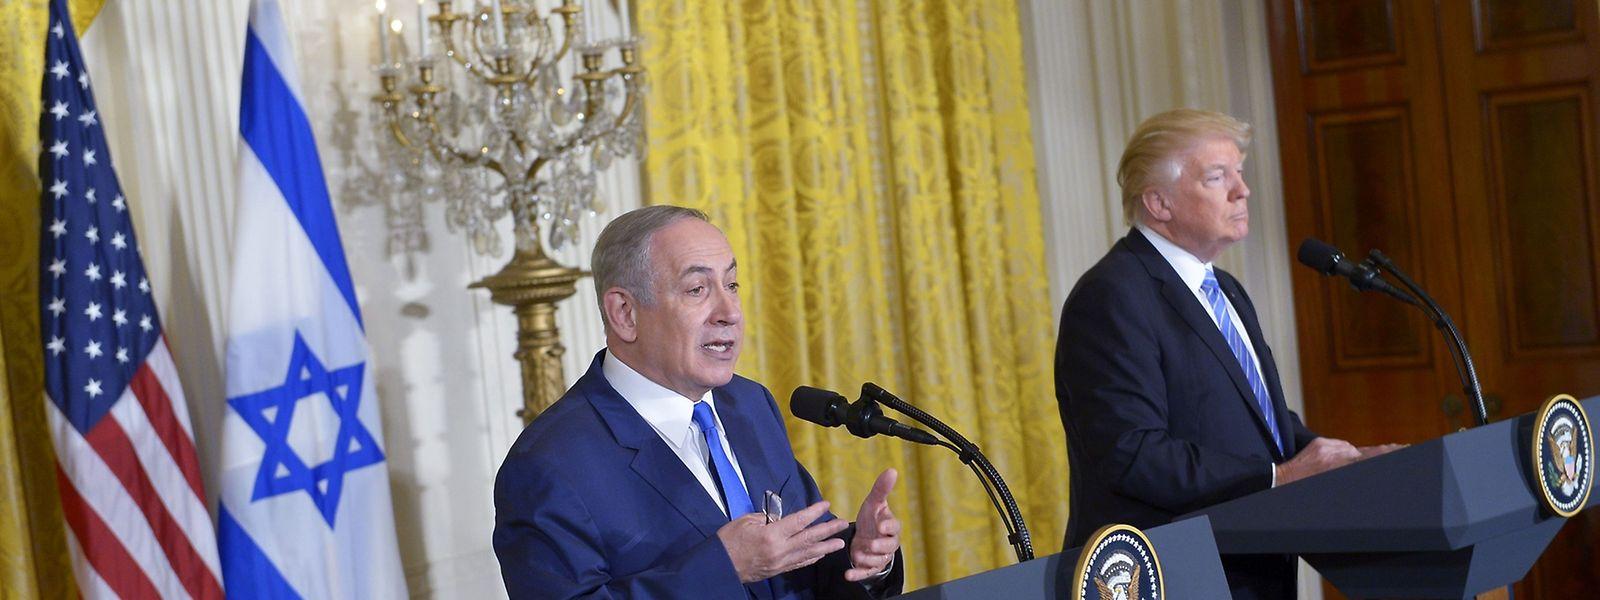 Donald Trump (r.) und der israelische Premierminister Benjamin Netanjahu forderten gegenseitige Kompromissbereitschaft ein.